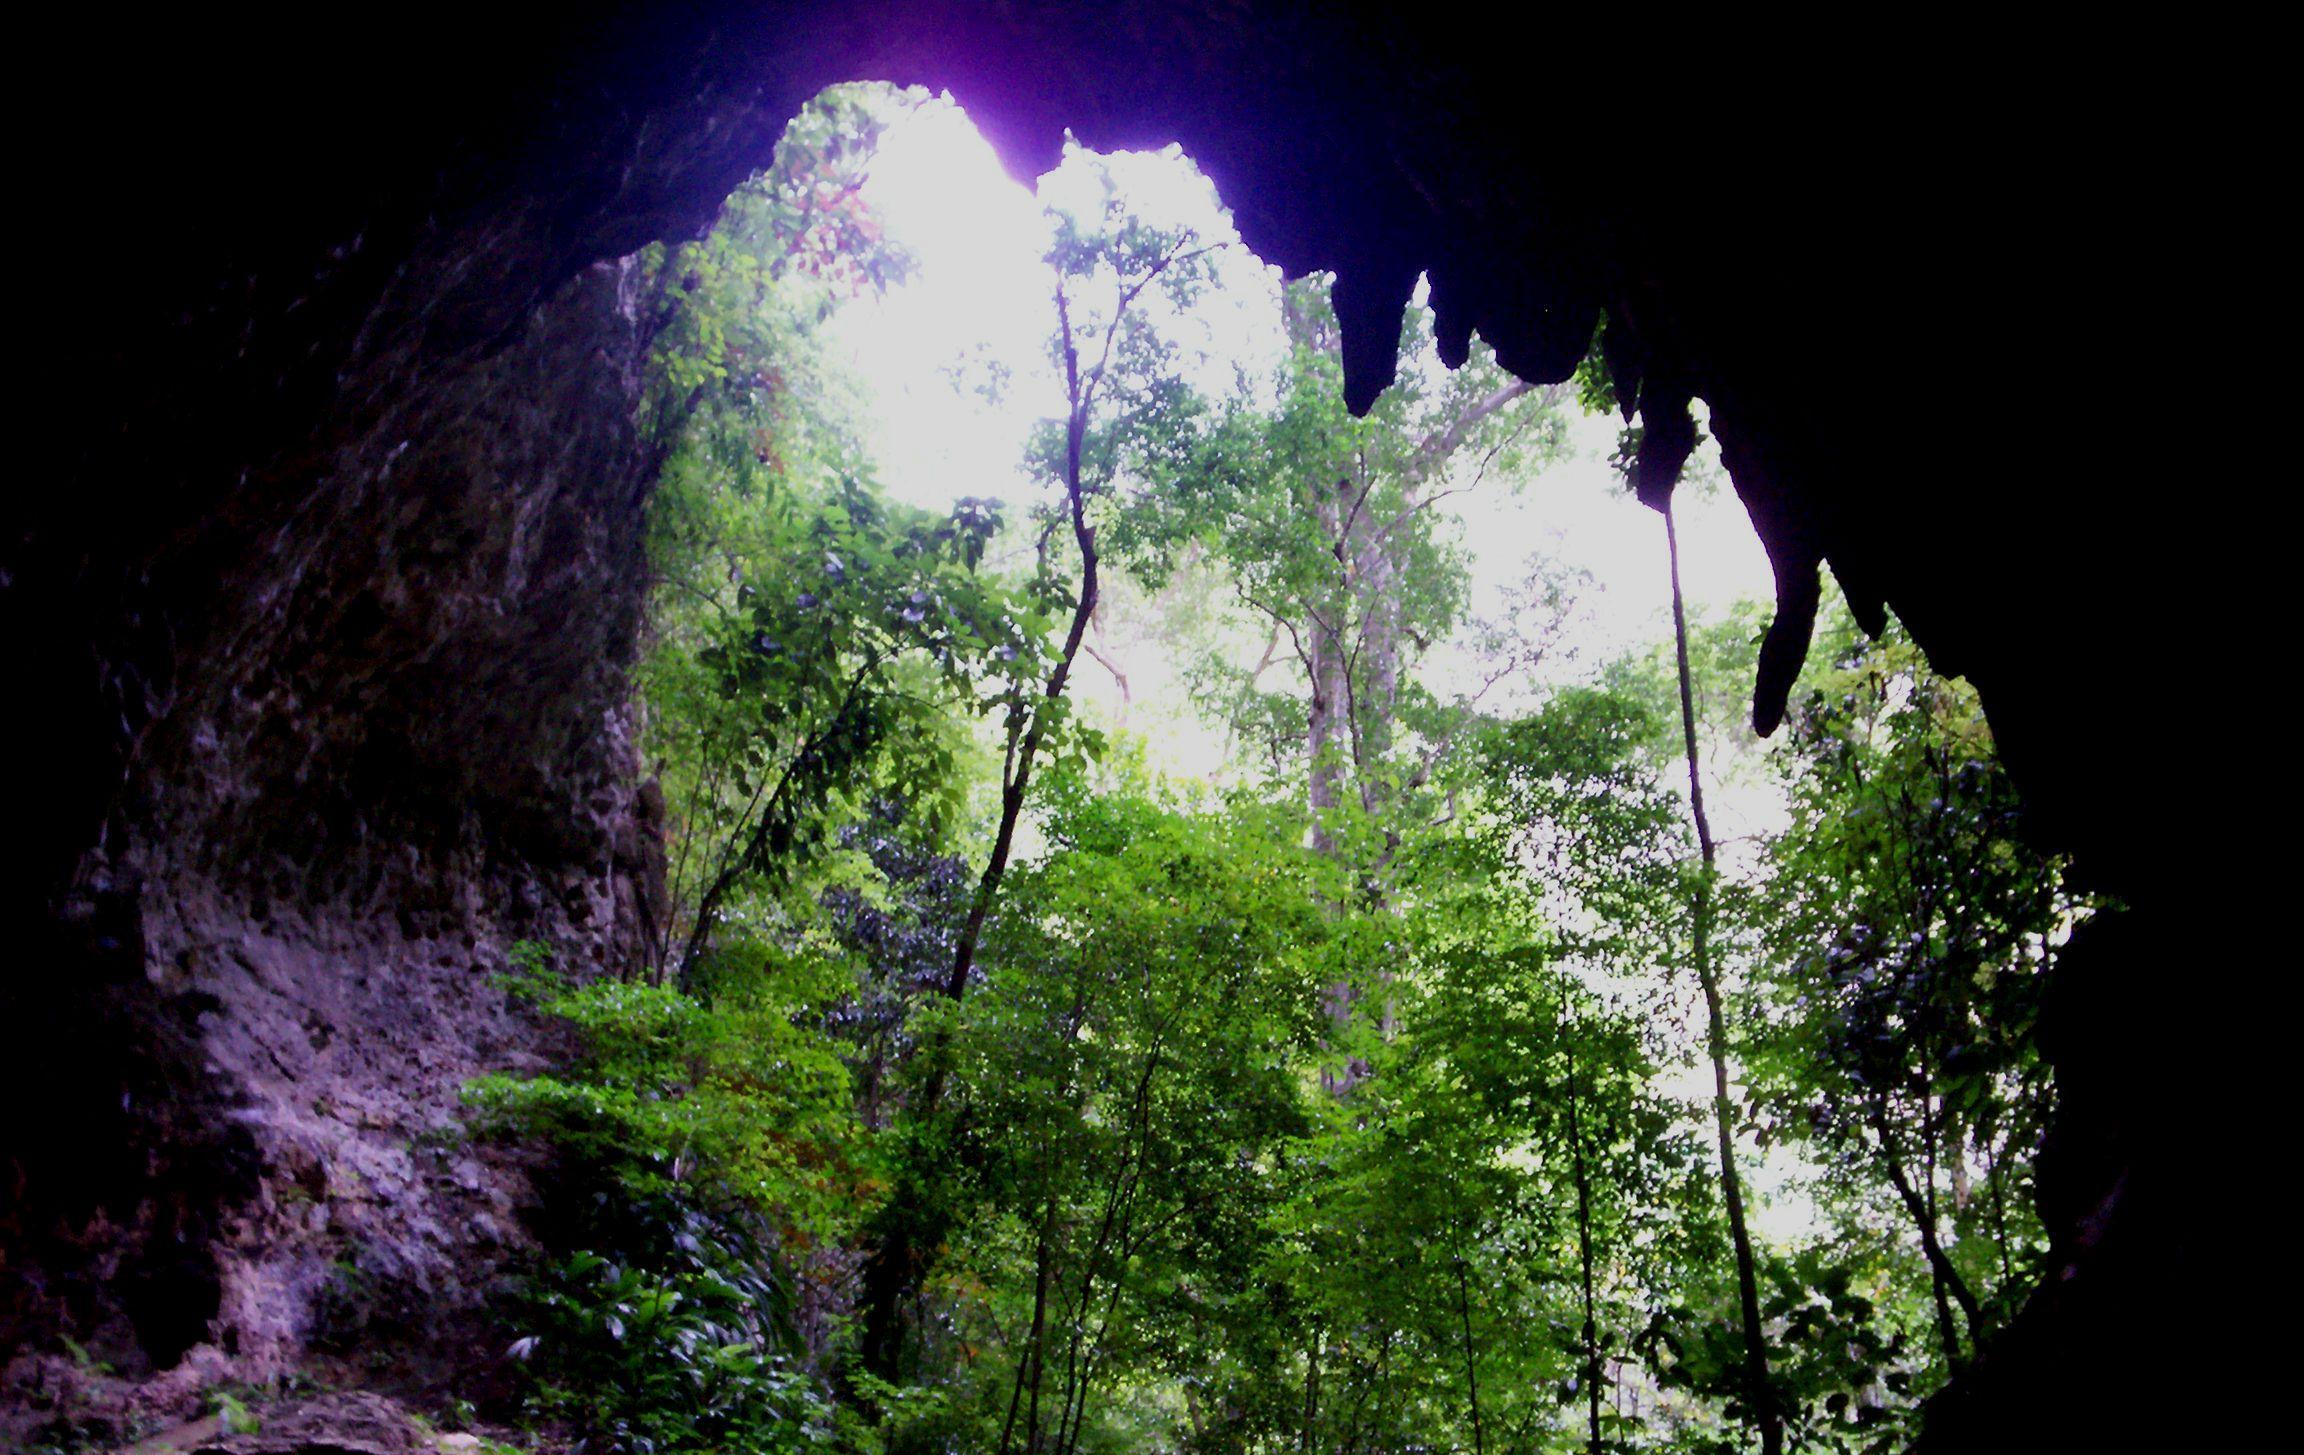 Depiction of Parque nacional Cueva de la Quebrada del Toro